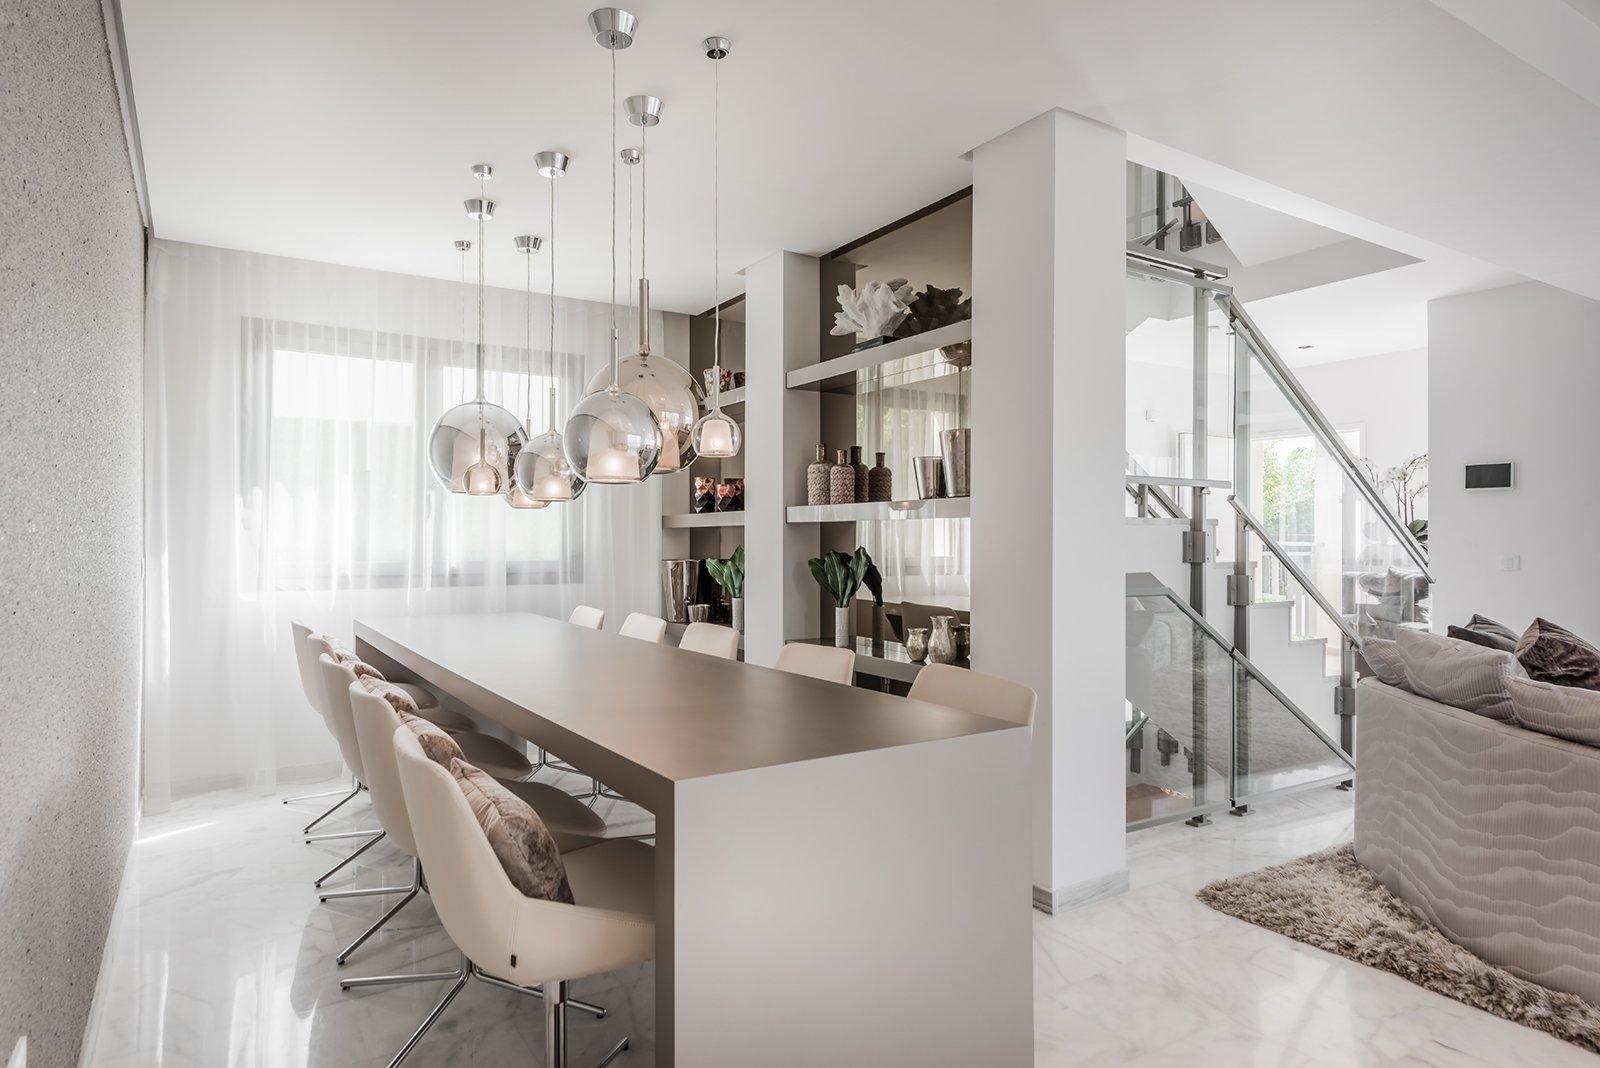 el-arenal-marbella-ambience-home-design-13